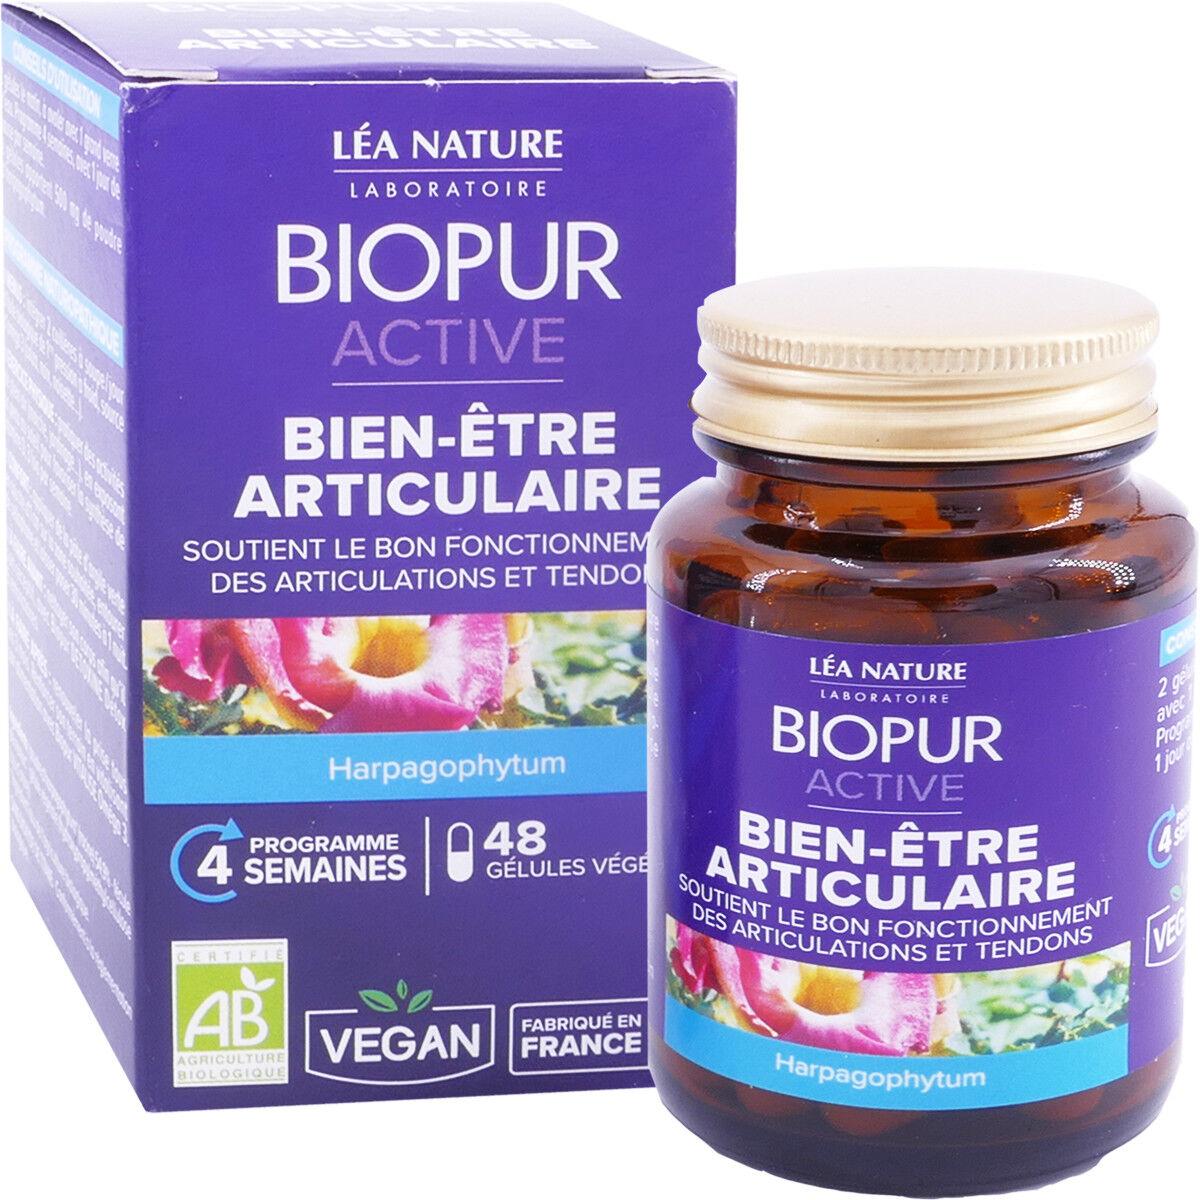 LEA NATURE Biopur bien-etre articulaire 48 gelules bio vegan